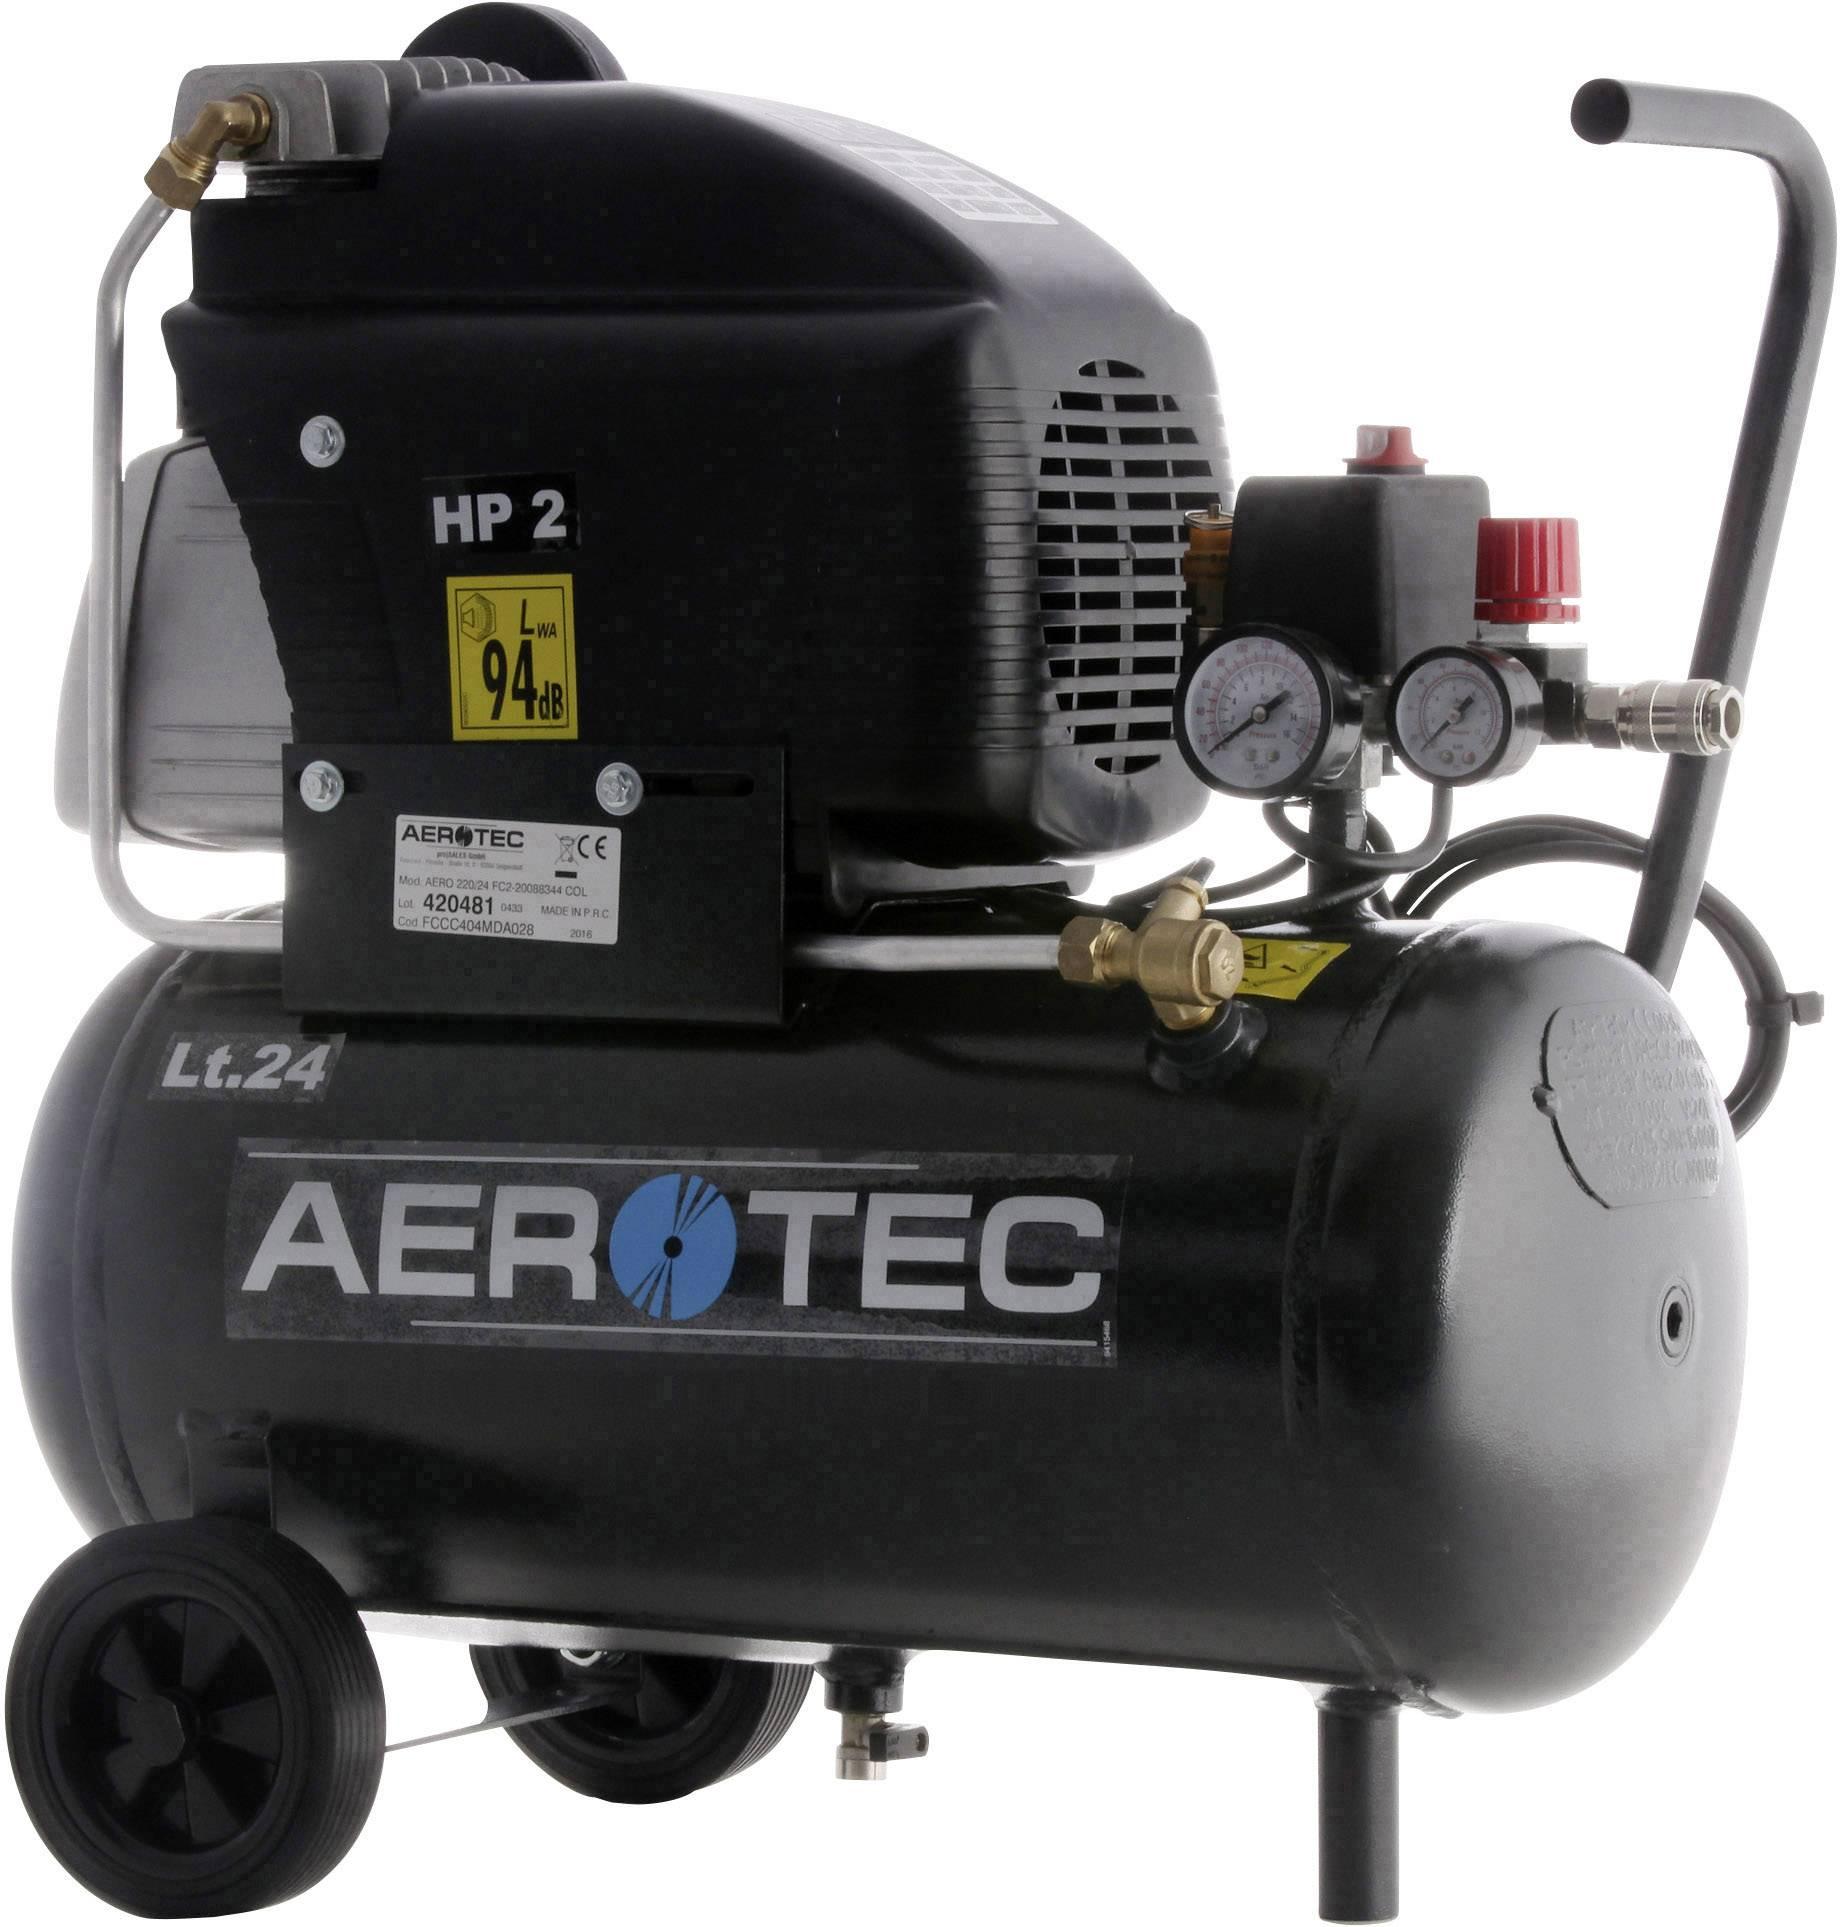 Pístový kompresor Aerotec 220-24FC 20088344, objem tlak. nádoby 24 l